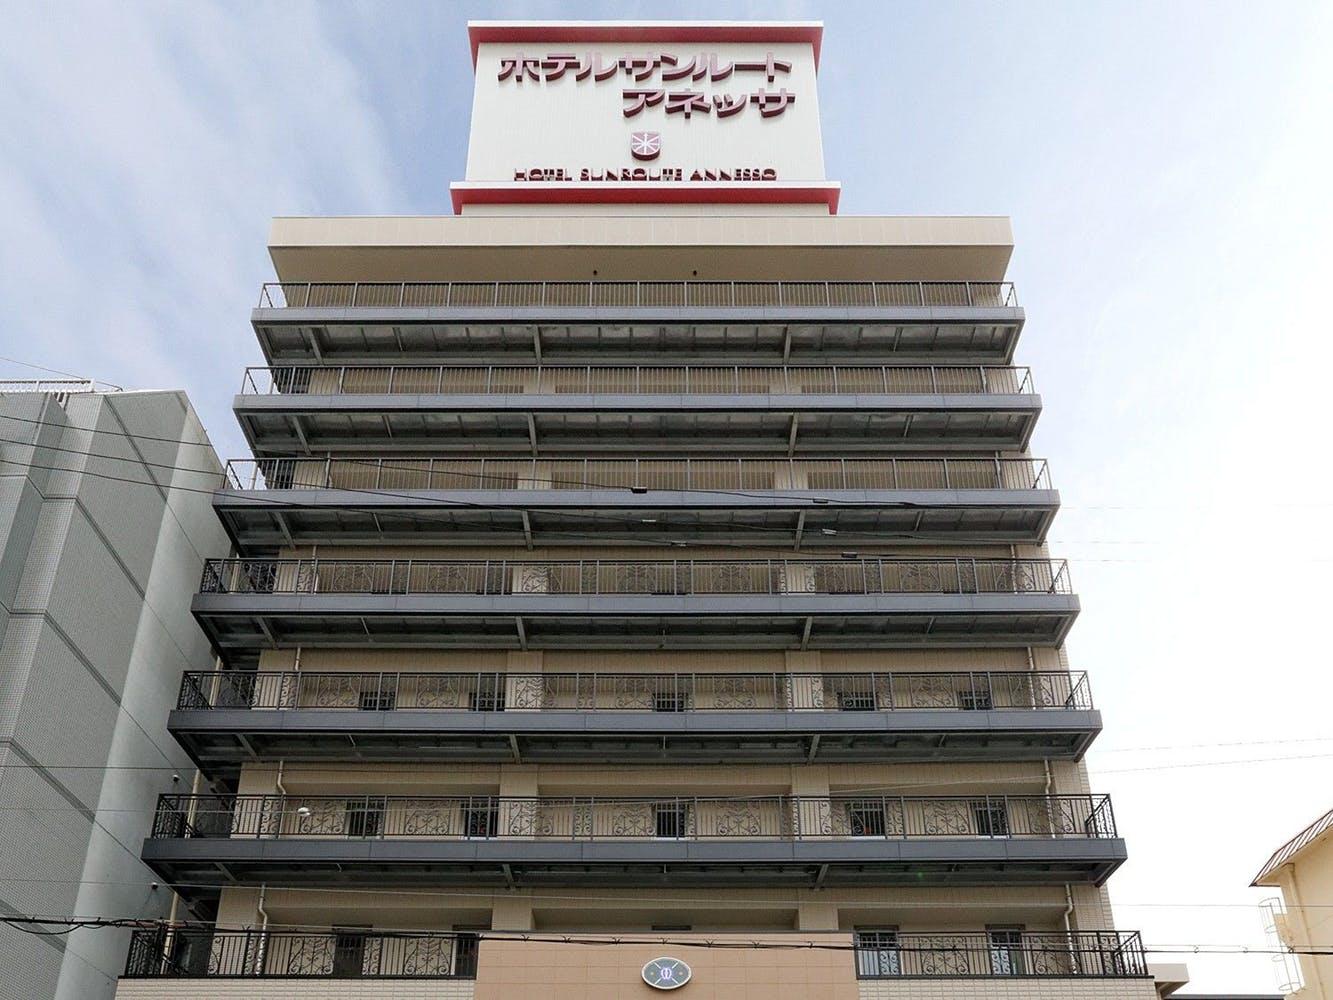 ホテルサンルートソプラ神戸アネッサ 写真1